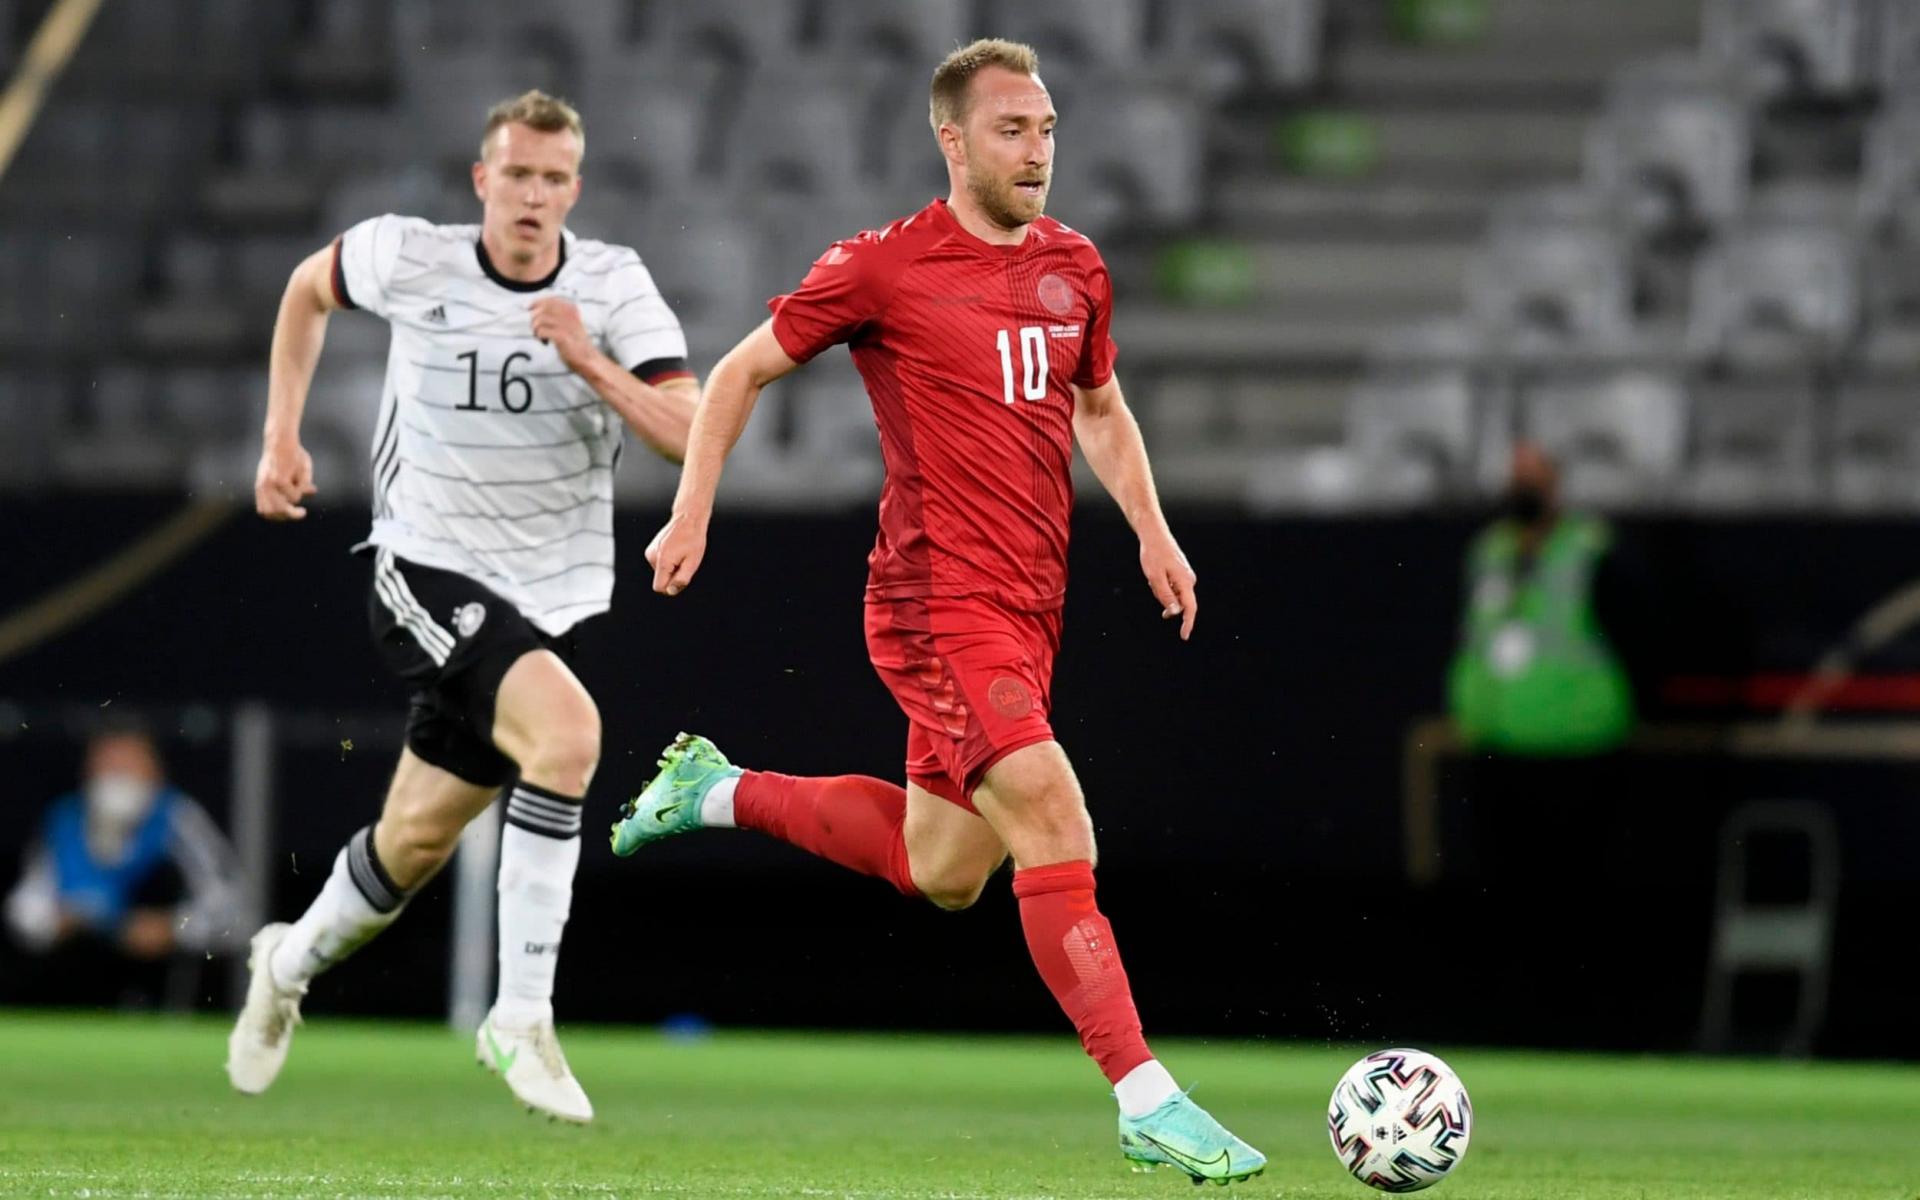 الدنمارك وفنلندا Denmark vs Finland